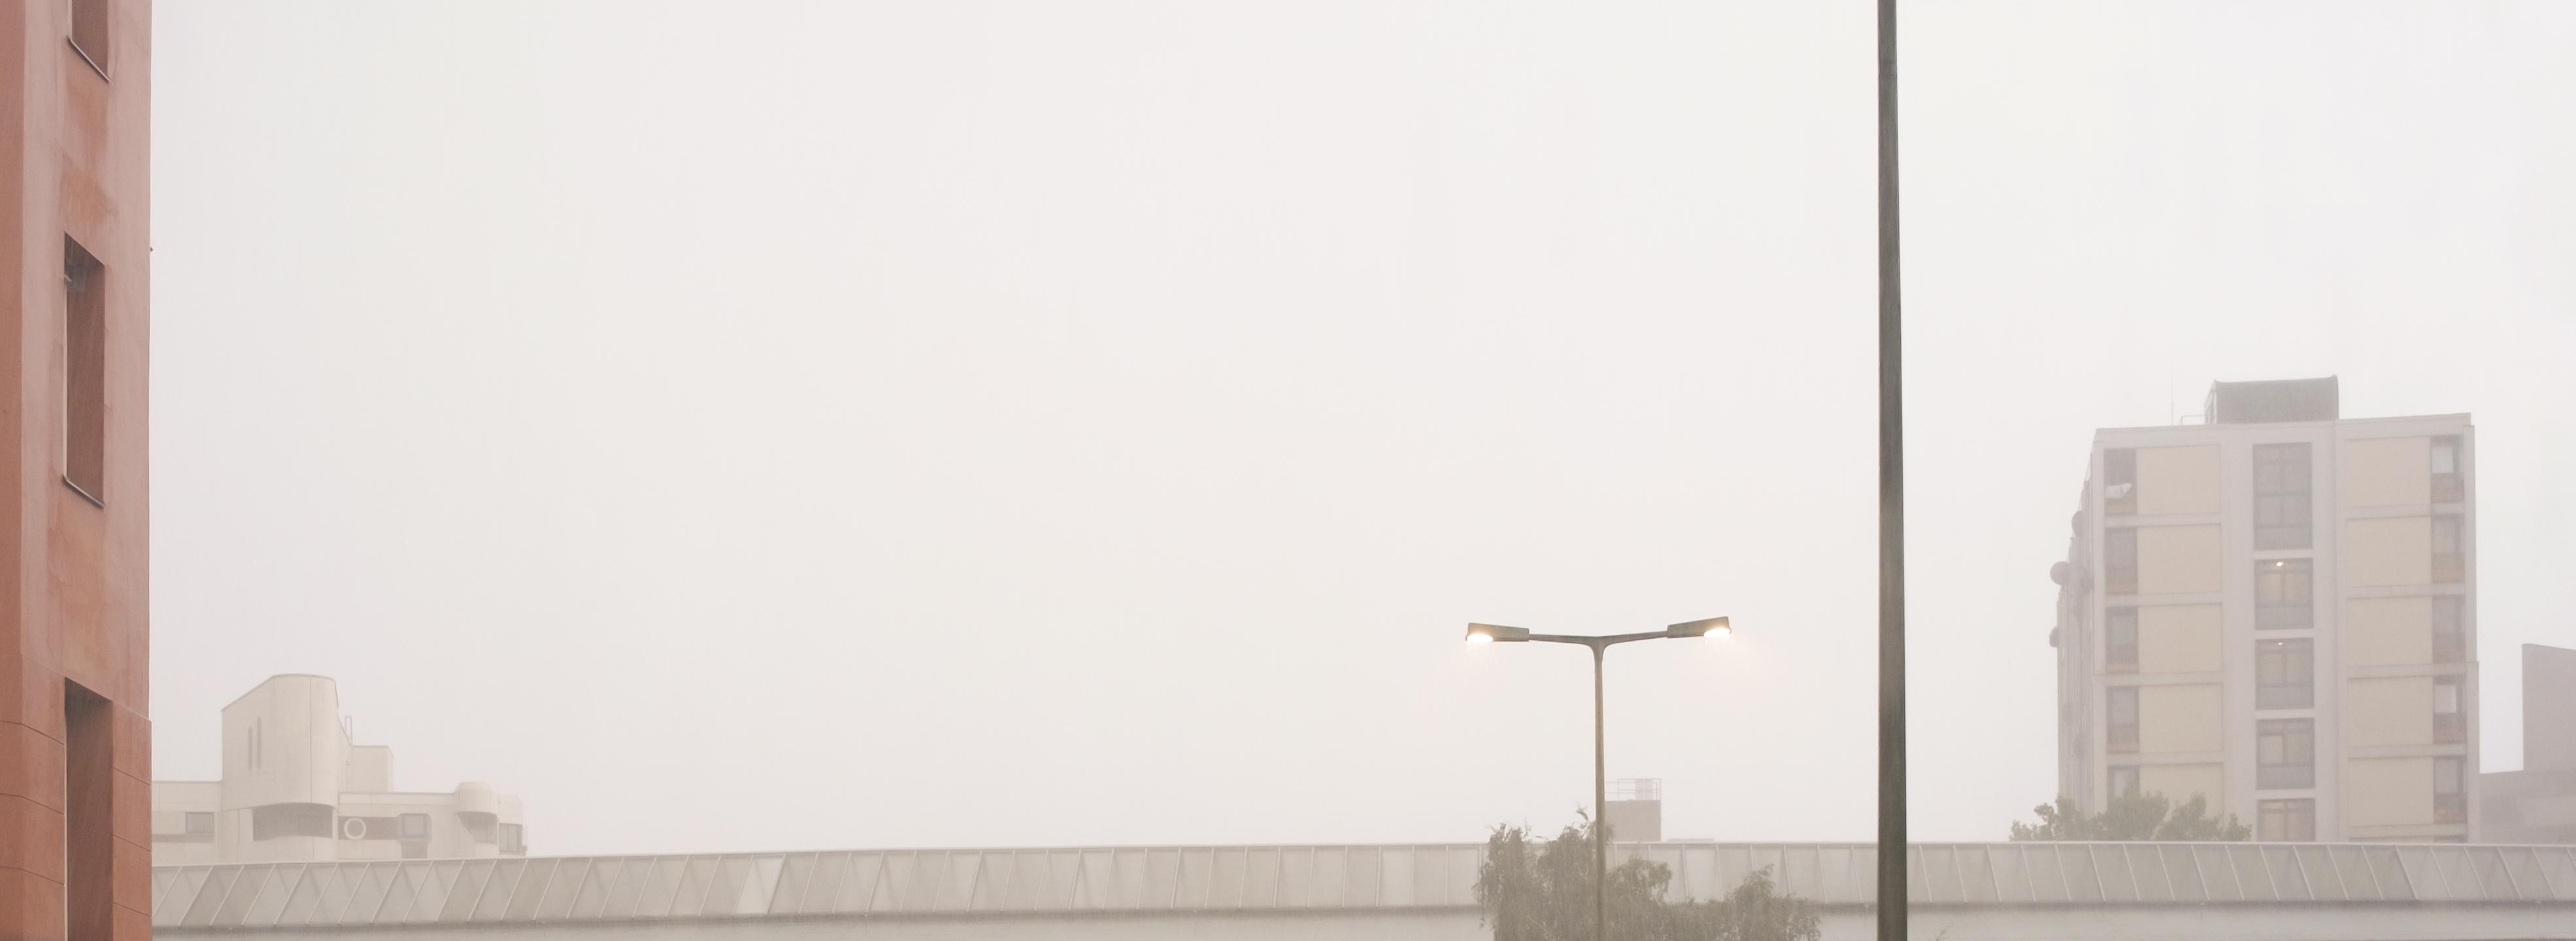 Kottbusser Tor